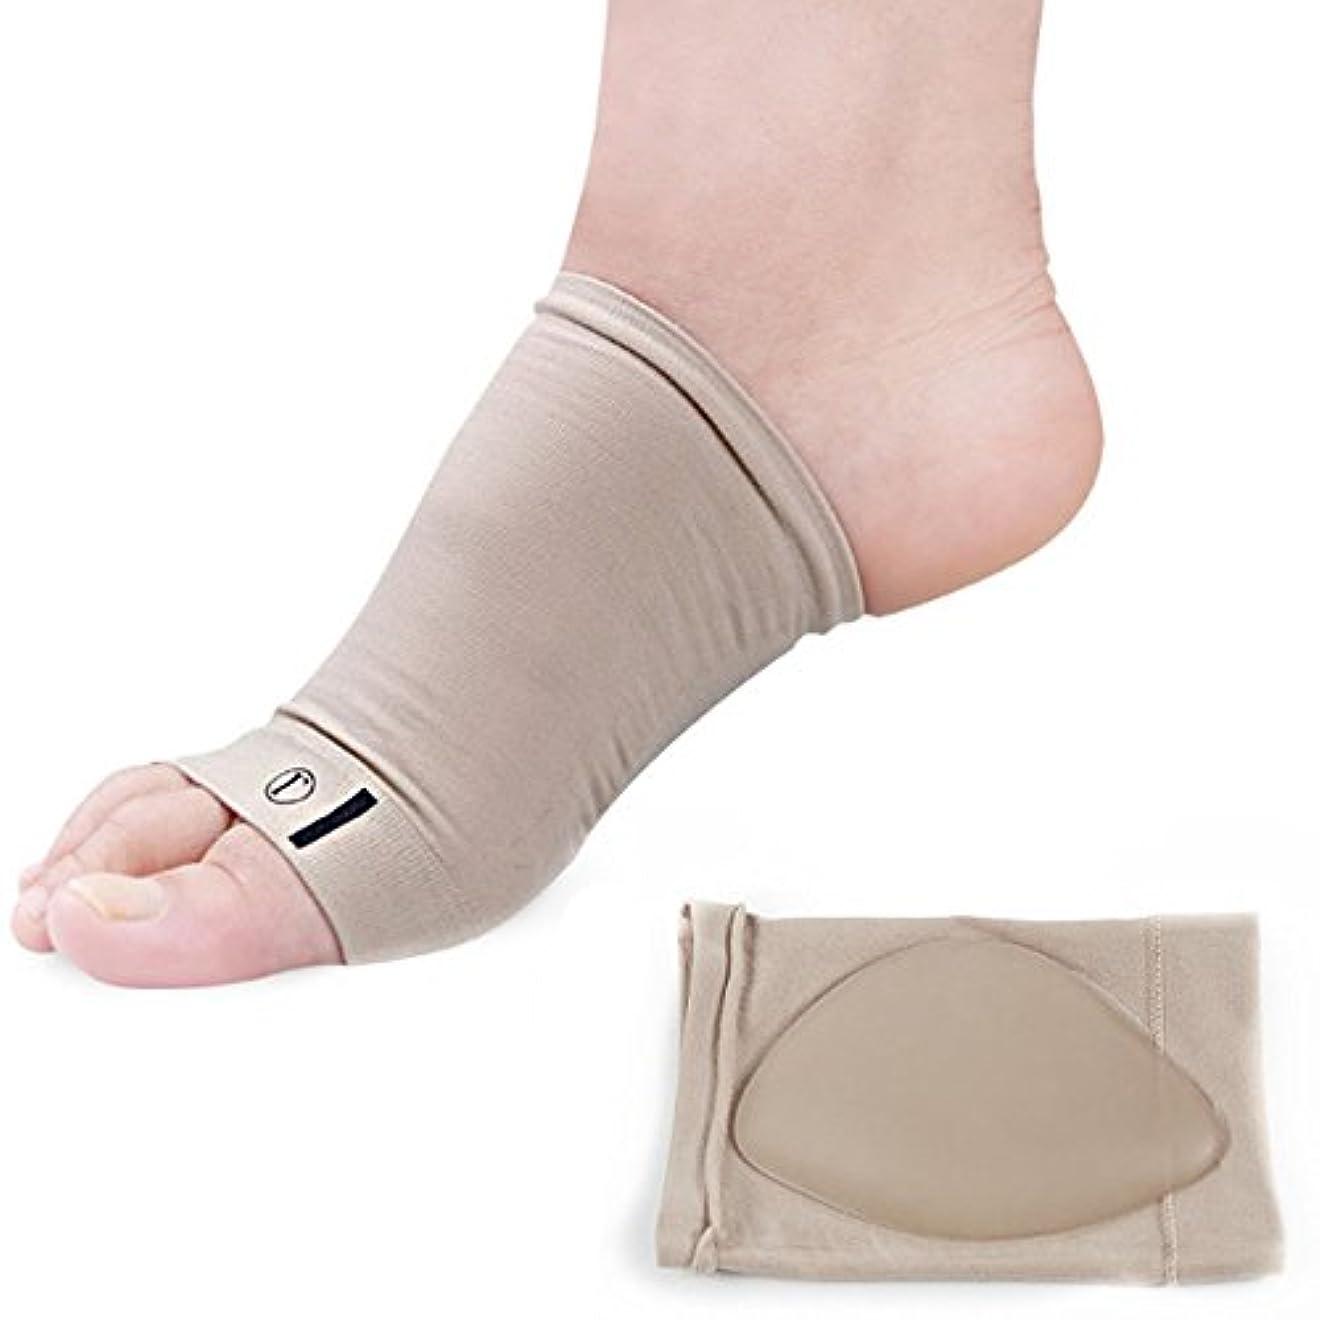 スチュワードトースト不正確山の奥 足底筋膜炎 アーチサポーター 専用 シリコン インソール 衝撃吸収 足裏 足底の痛みを解消 左右セット 解消足裏パッド